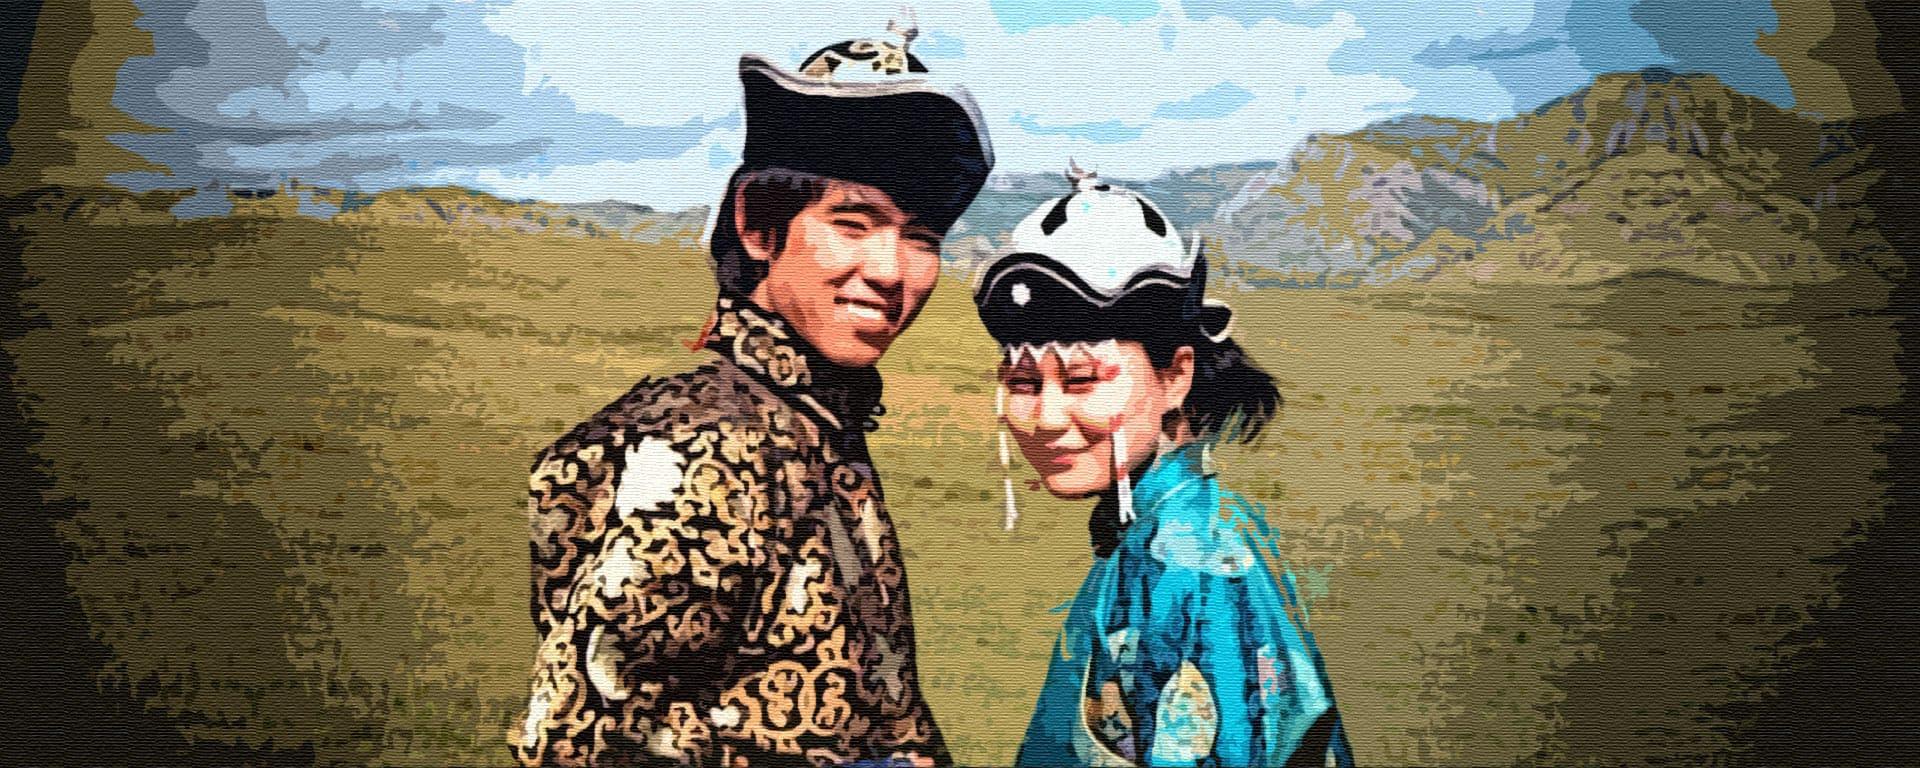 Сказка о бедняке Оскюс-Ооле и его мудрой жене